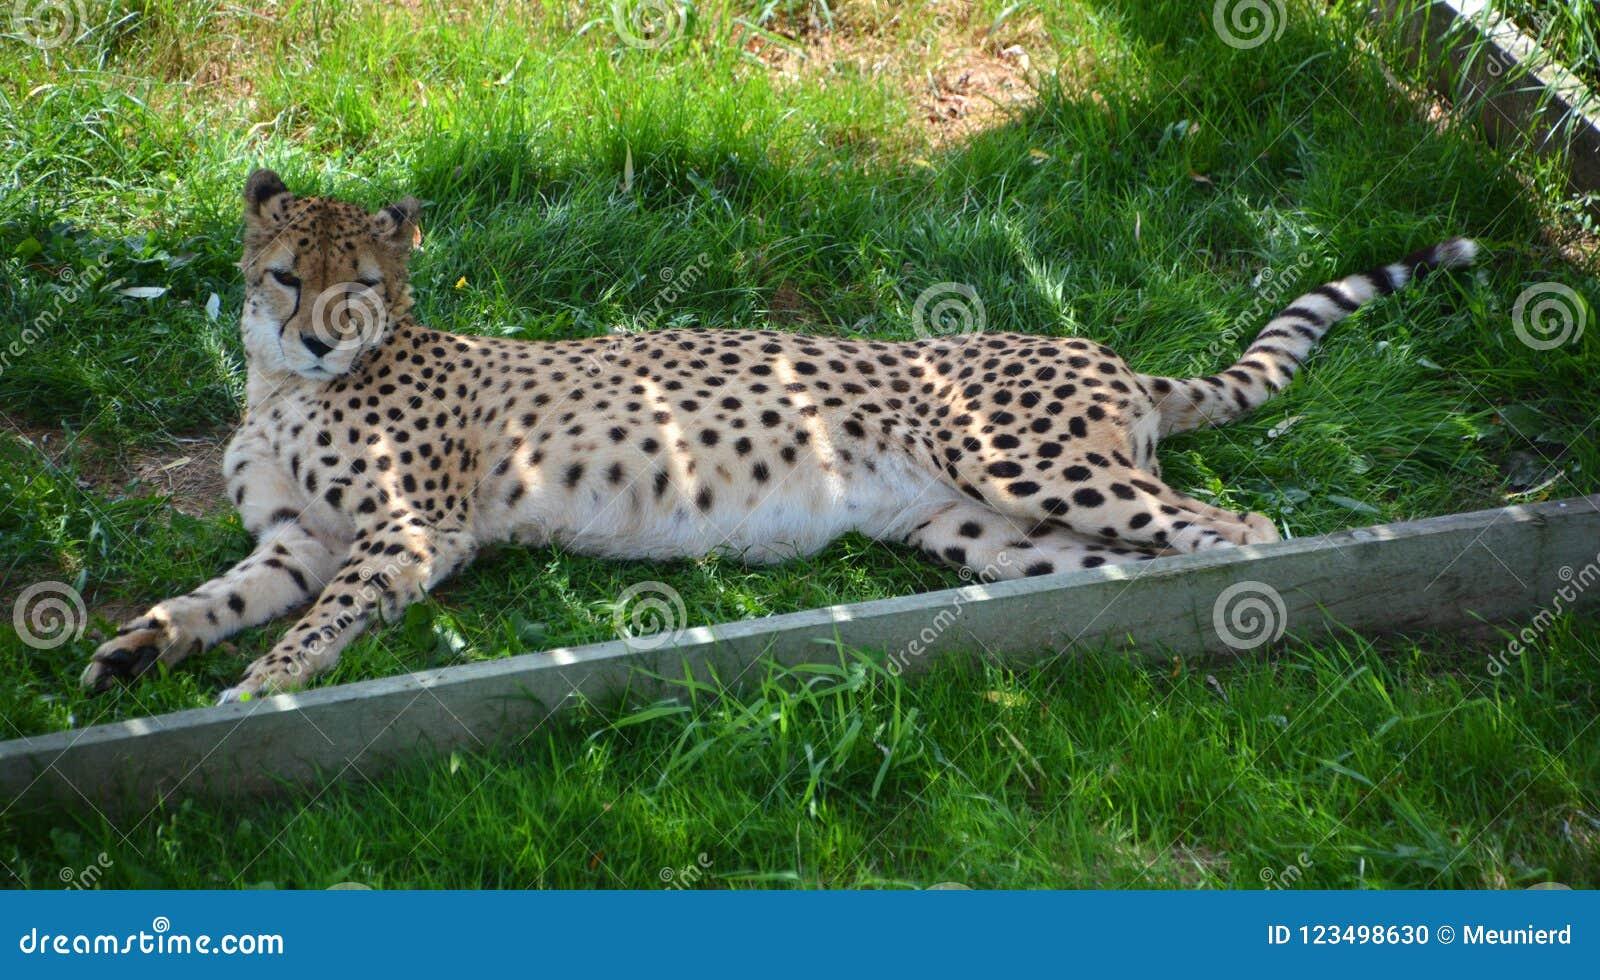 El guepardo es un felino de gran tamaño